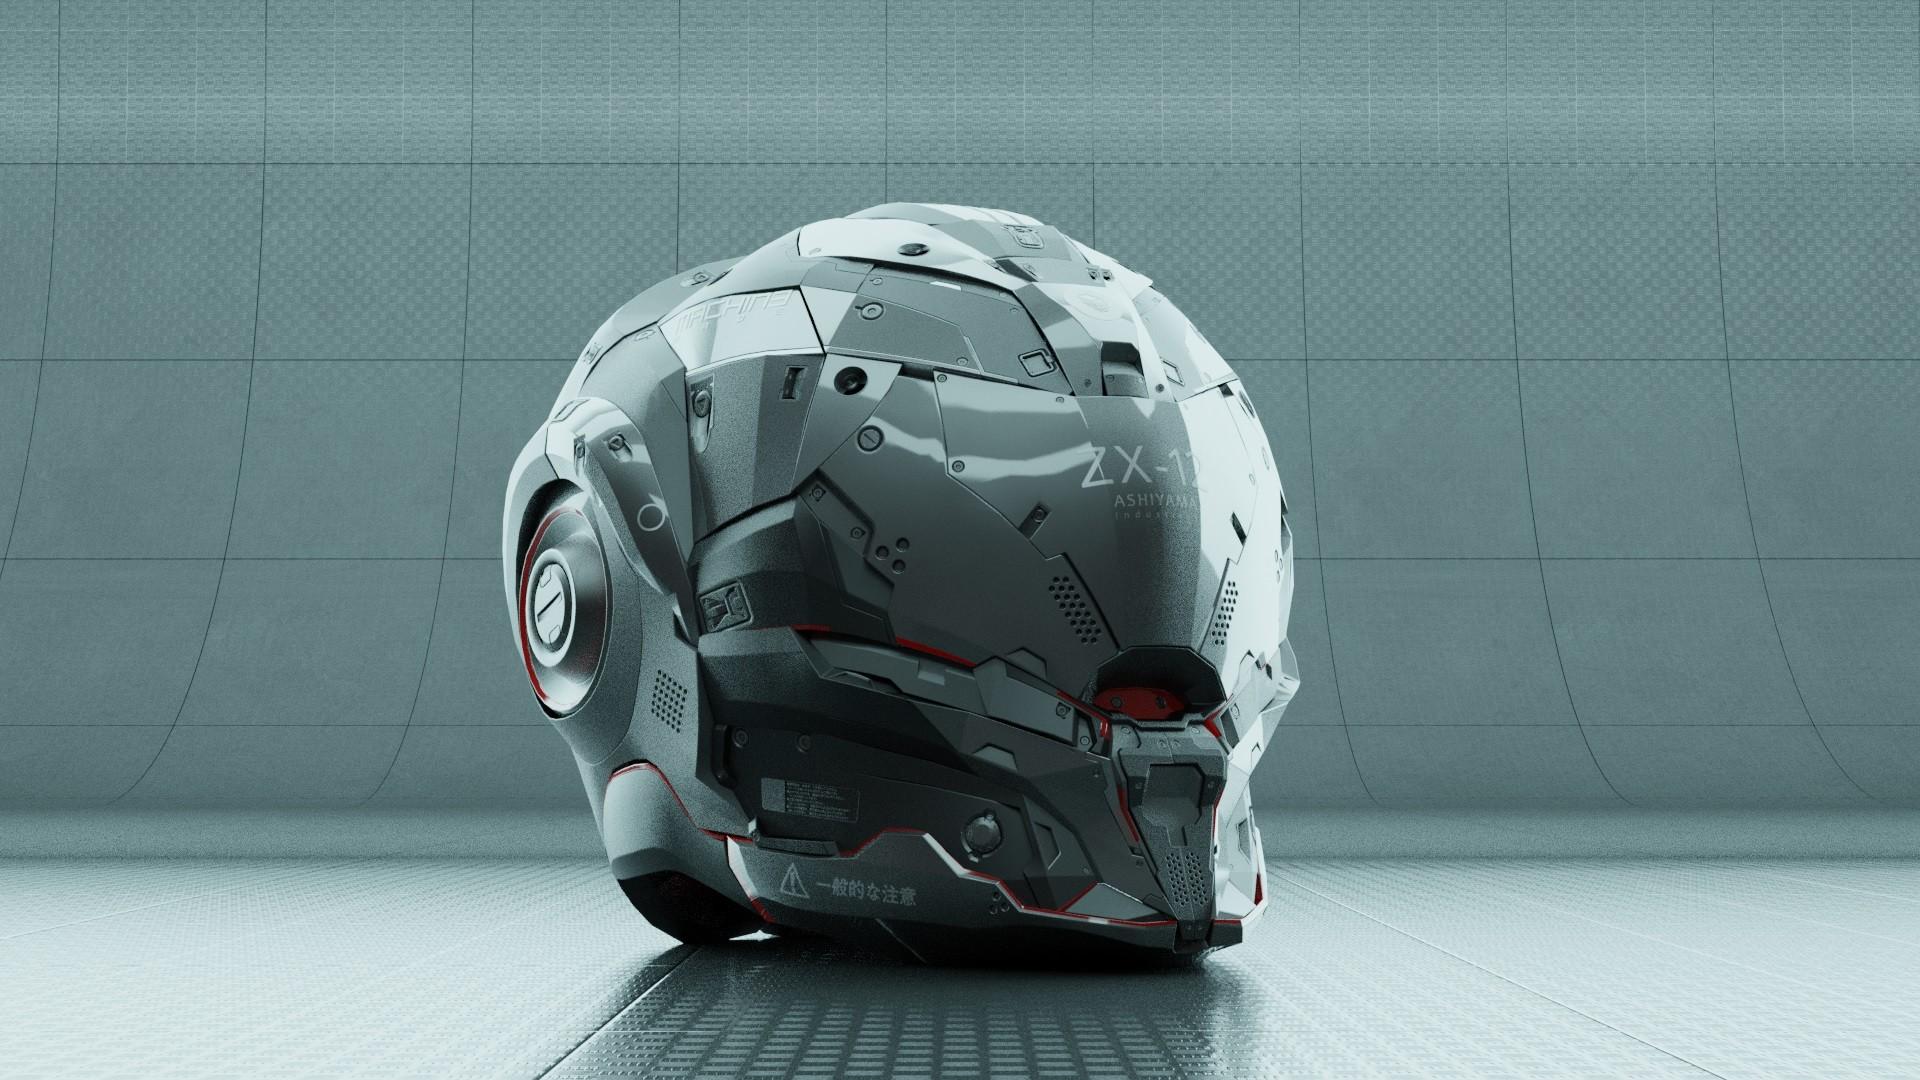 Jerry perkins mx1001 dm helmet2